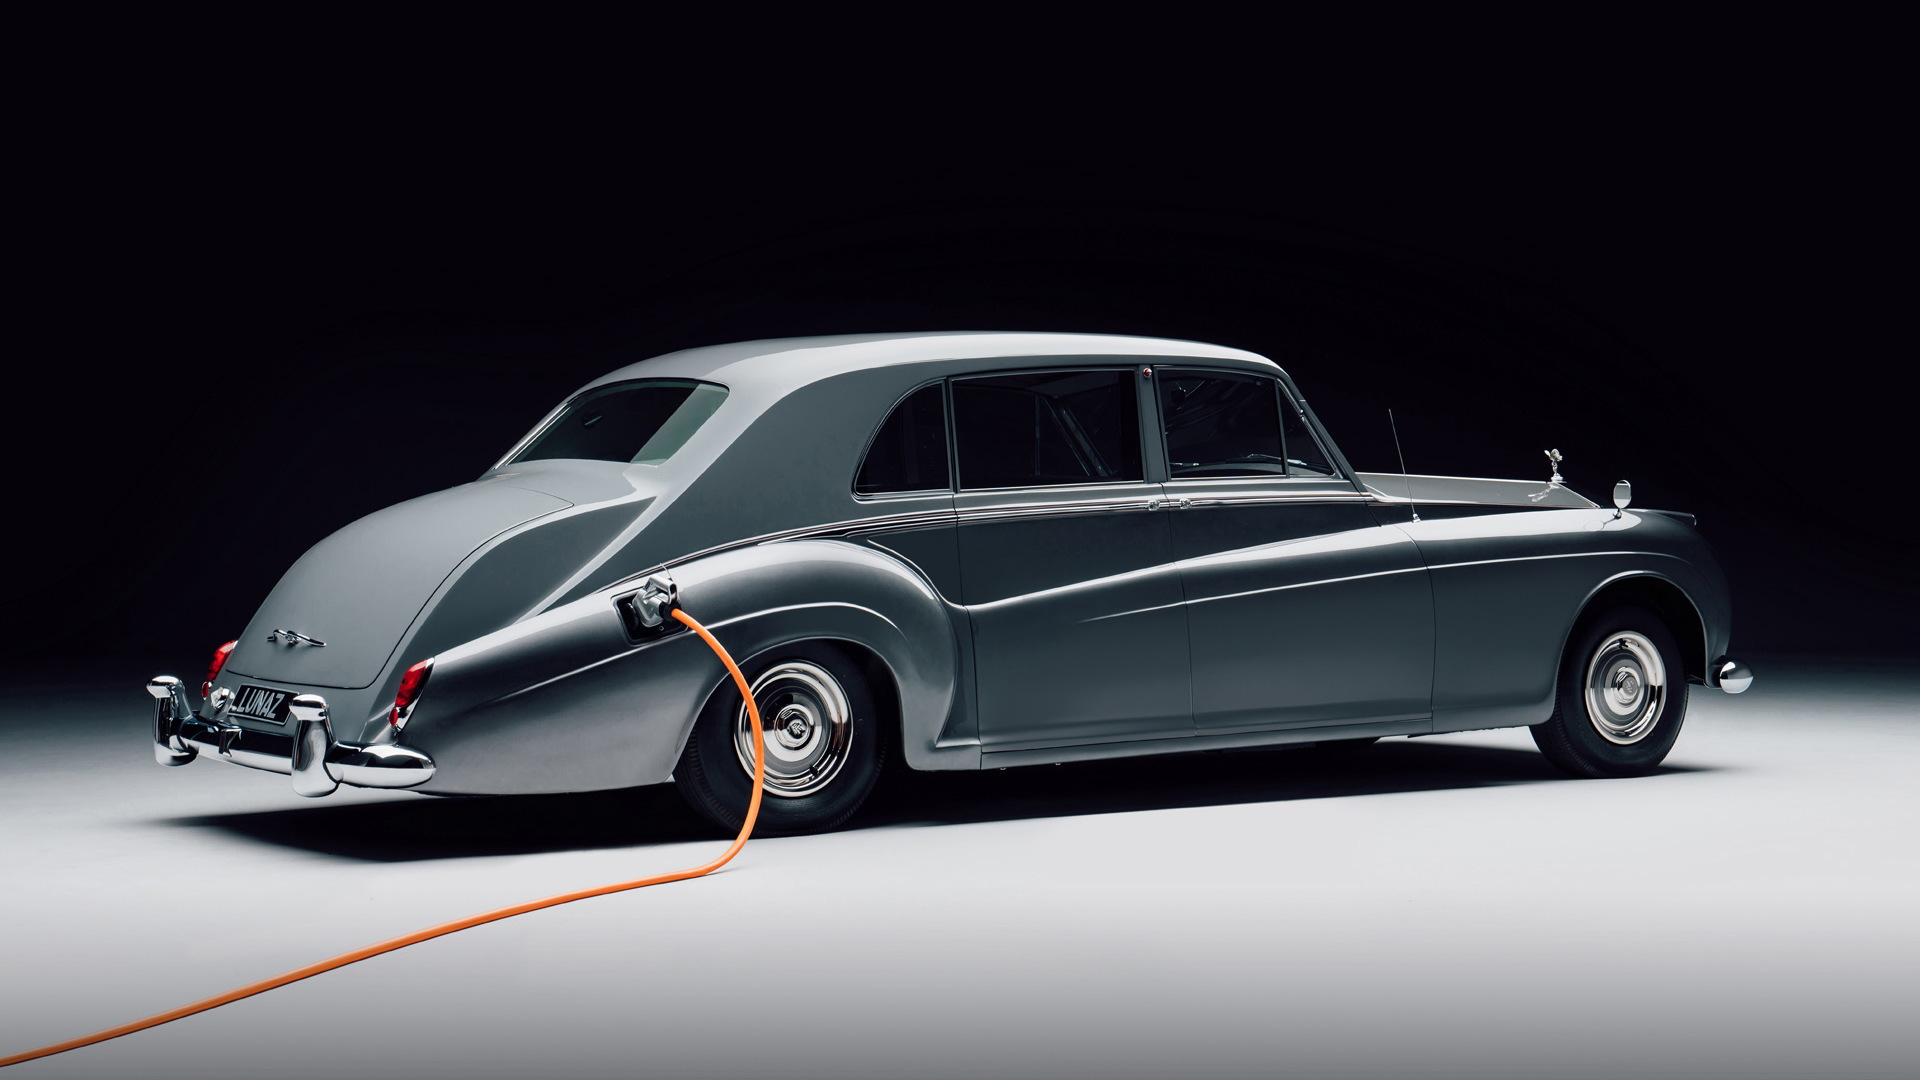 1961 Rolls-Royce Phantom EV conversion by Lunaz